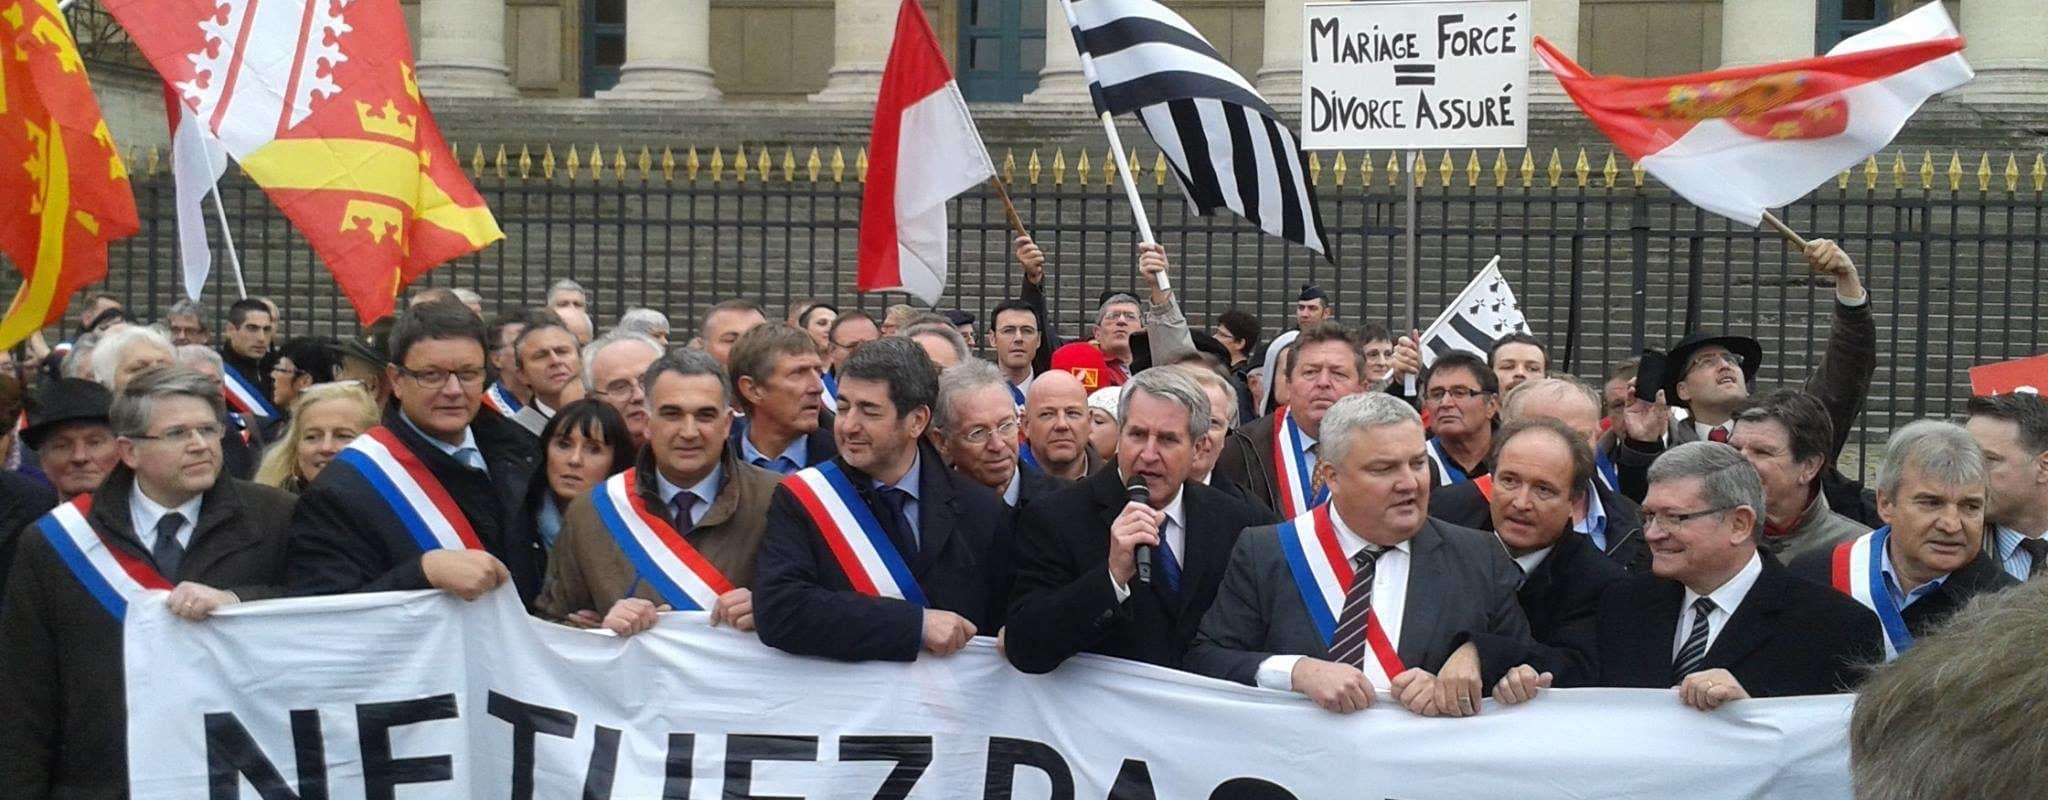 Refaire une Région Alsace ? Et maintenant une demande de référendum à Macron